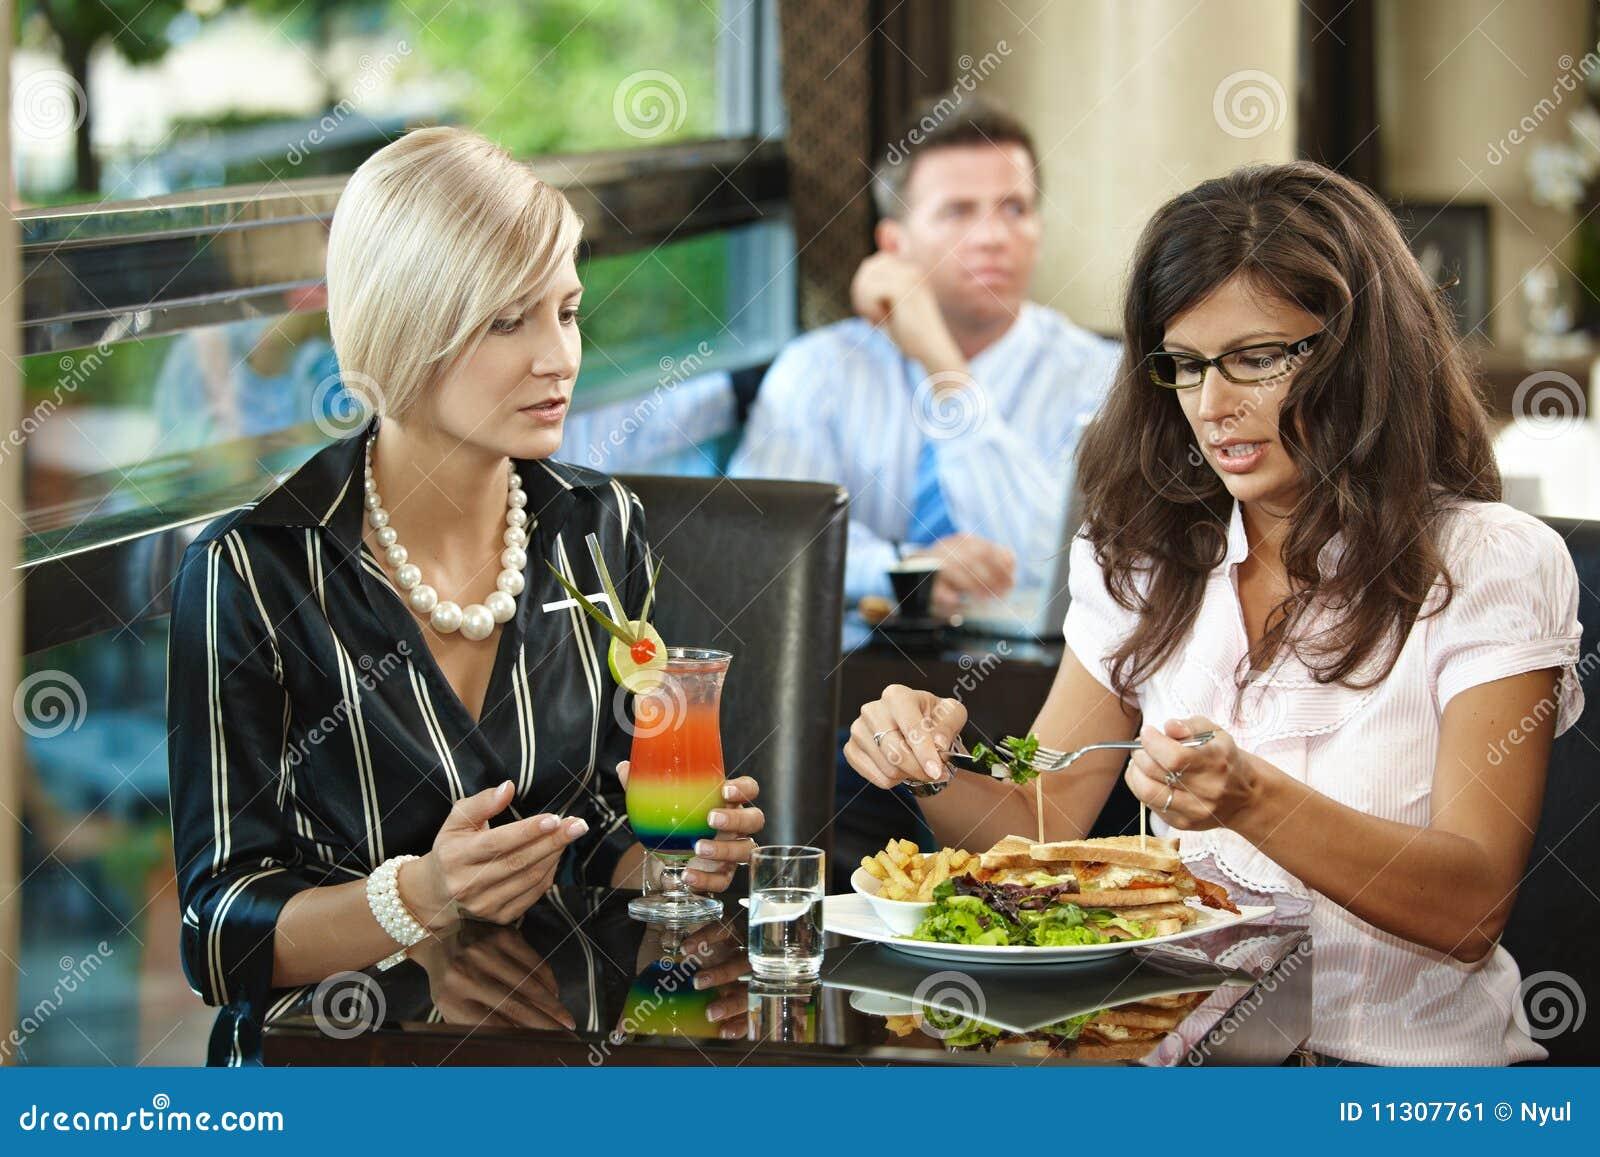 Junge Frauen in der Gaststätte